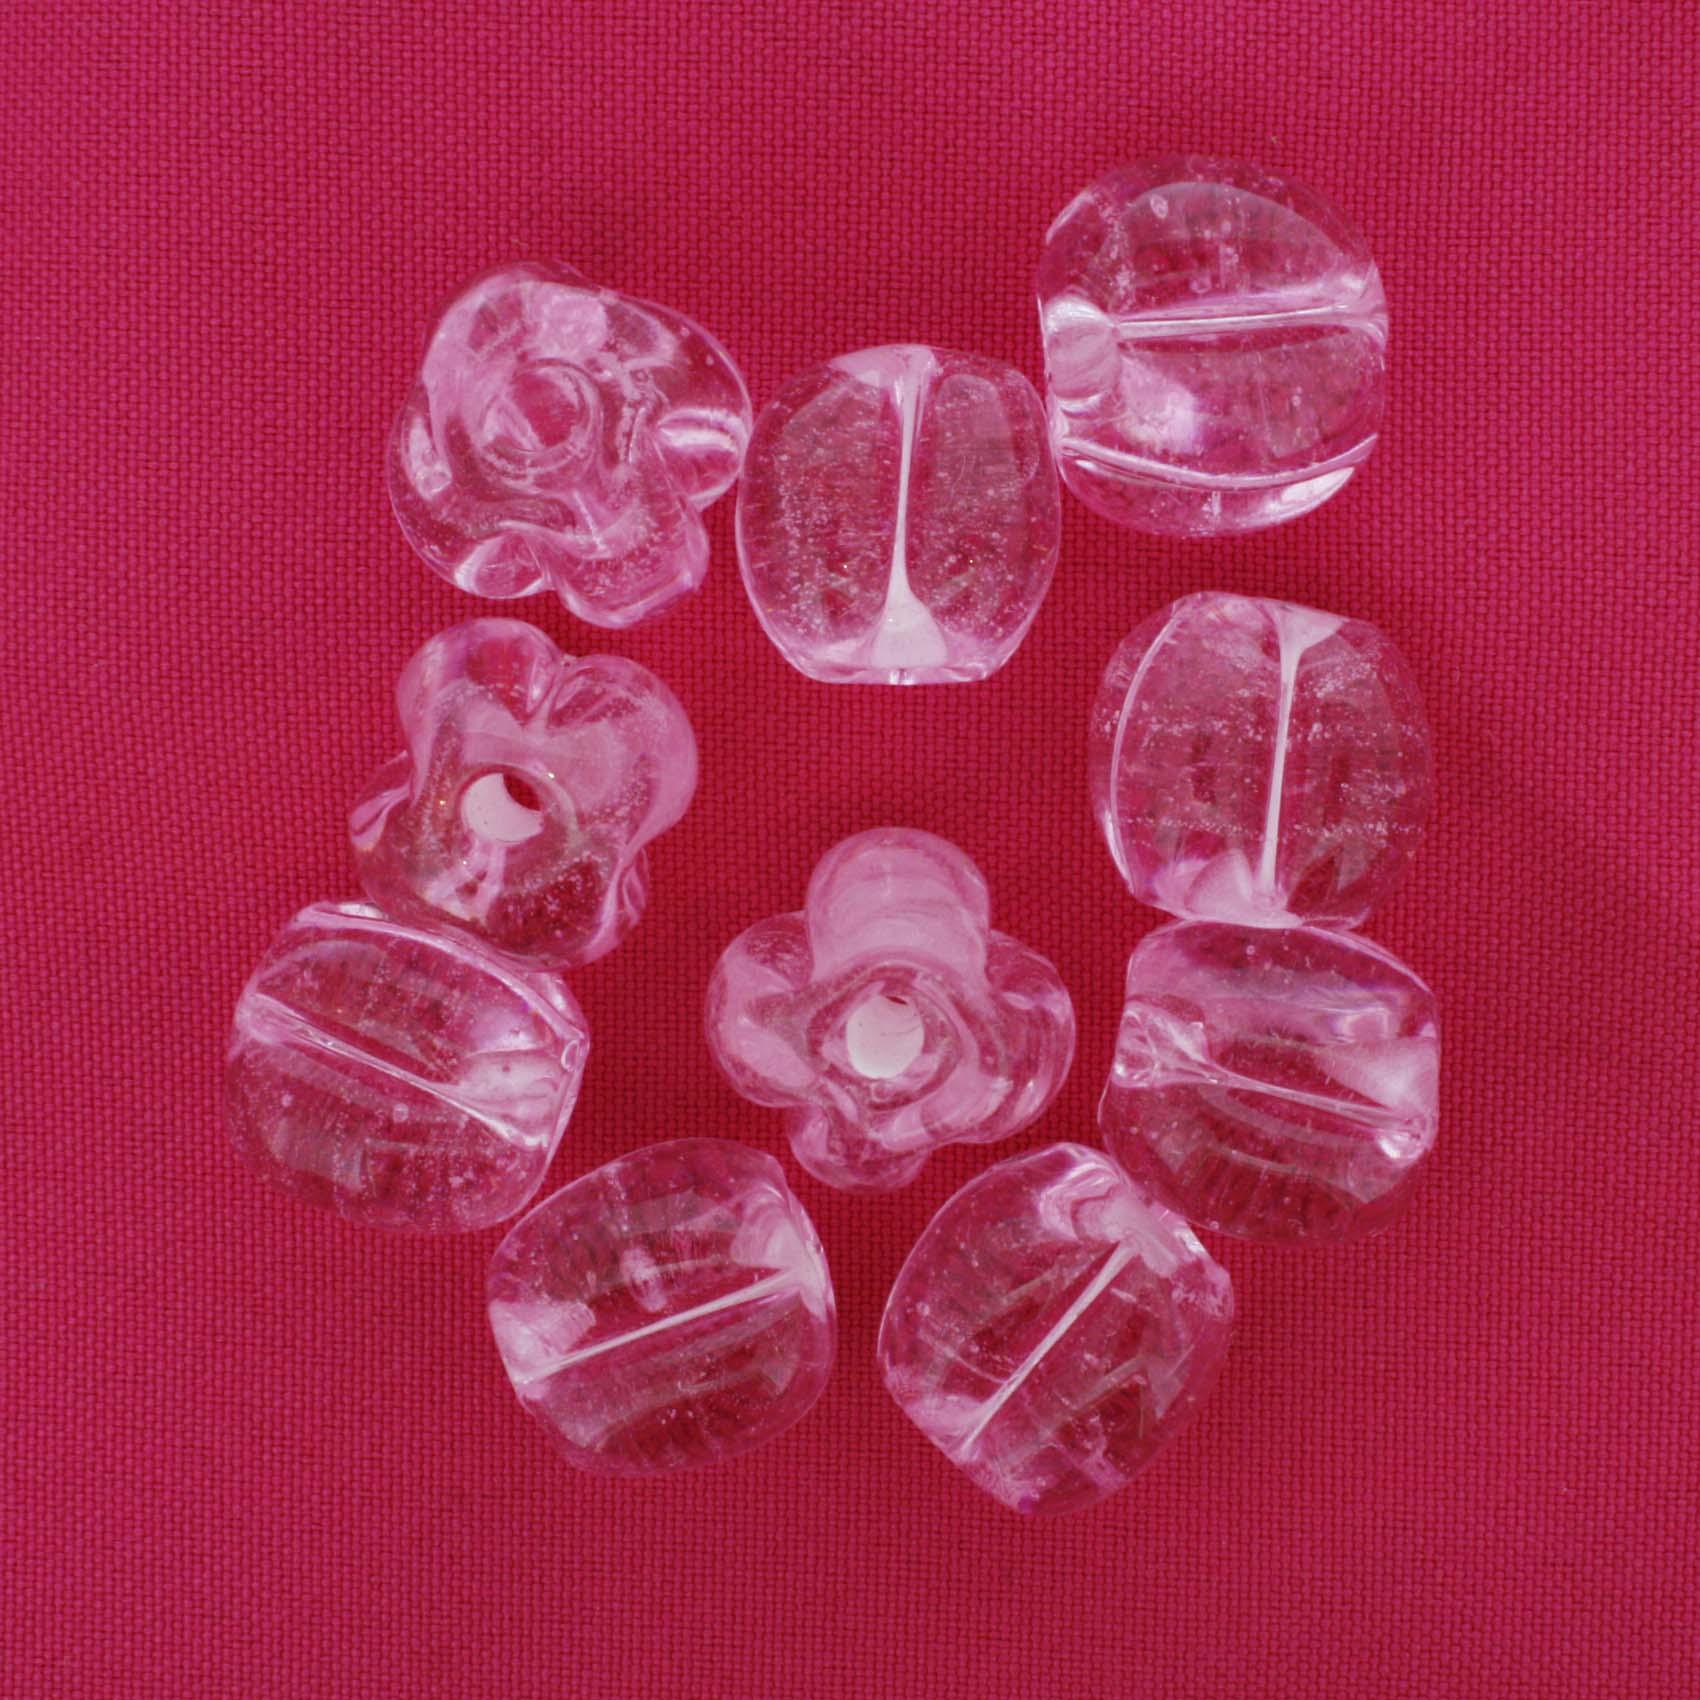 Firma Pitanga - Rosa Transparente  - Stéphanie Bijoux® - Peças para Bijuterias e Artesanato